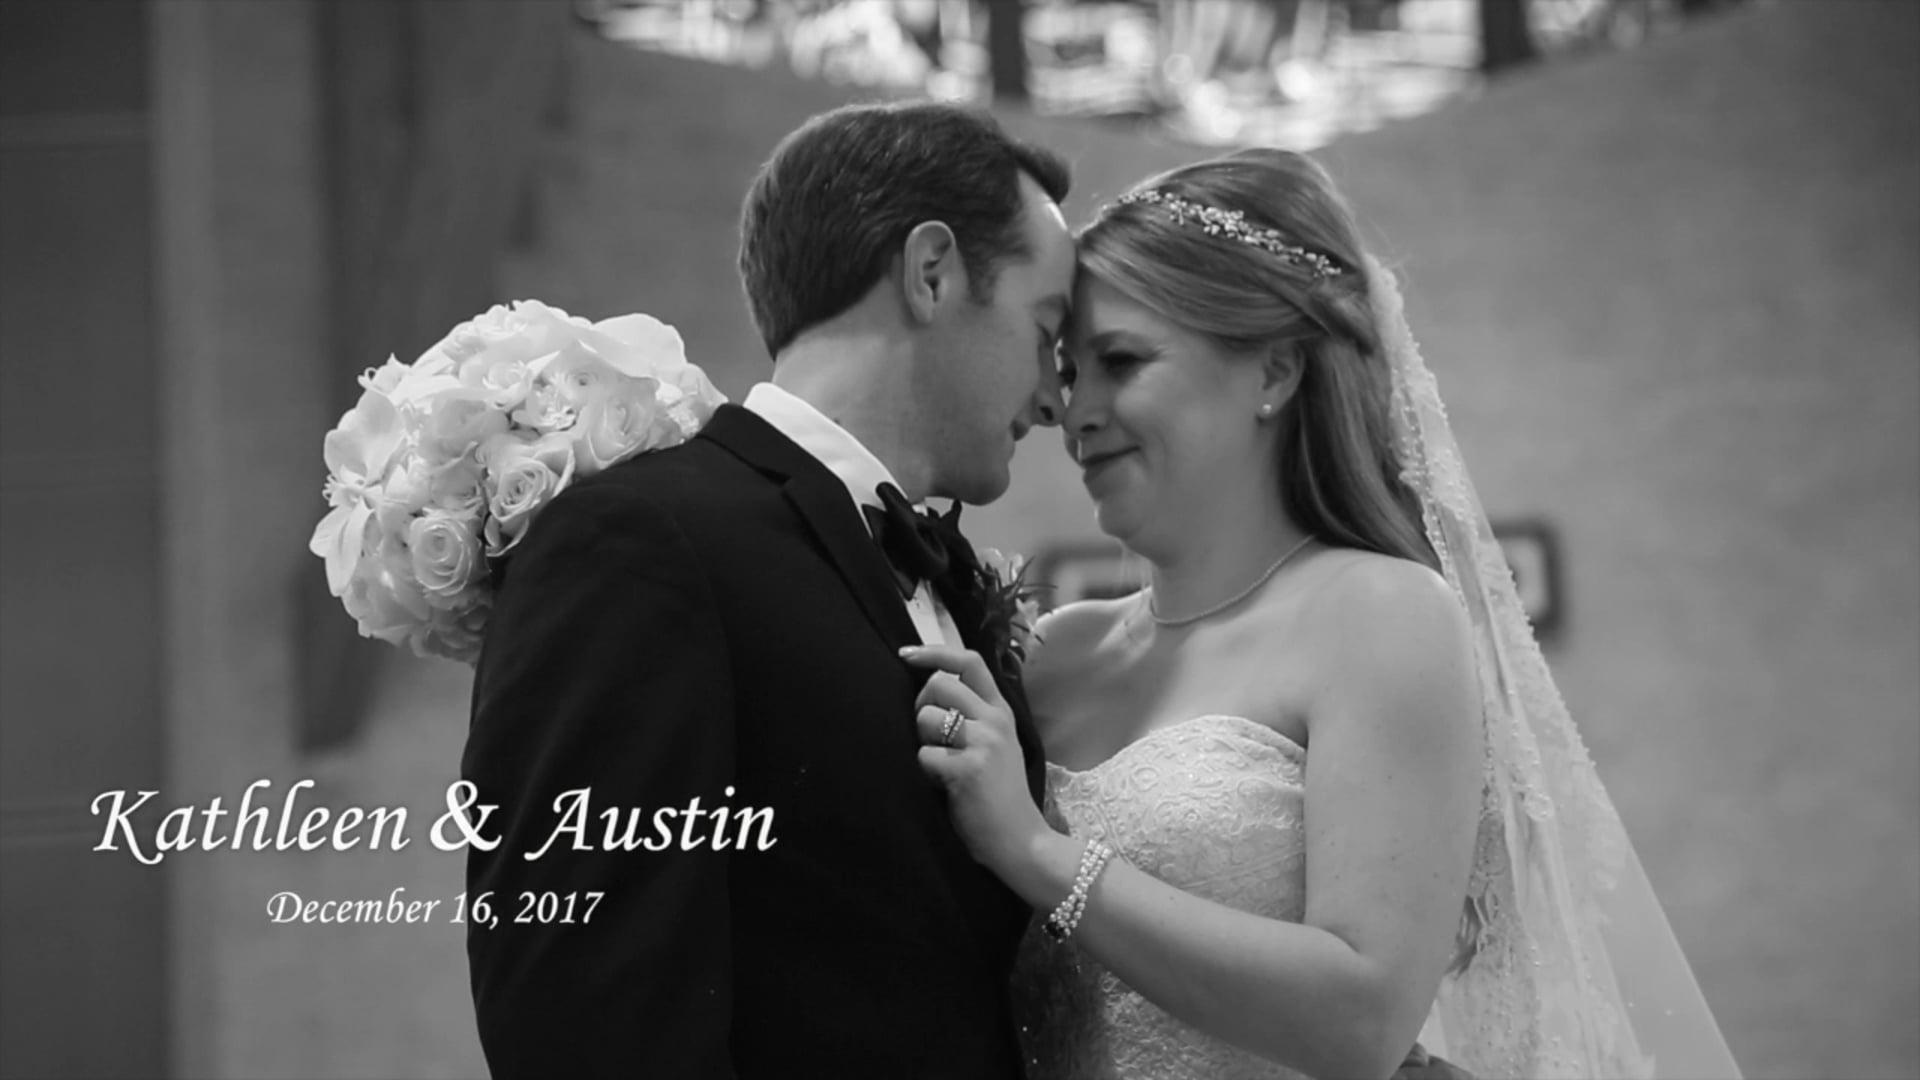 Kathleen & Austin